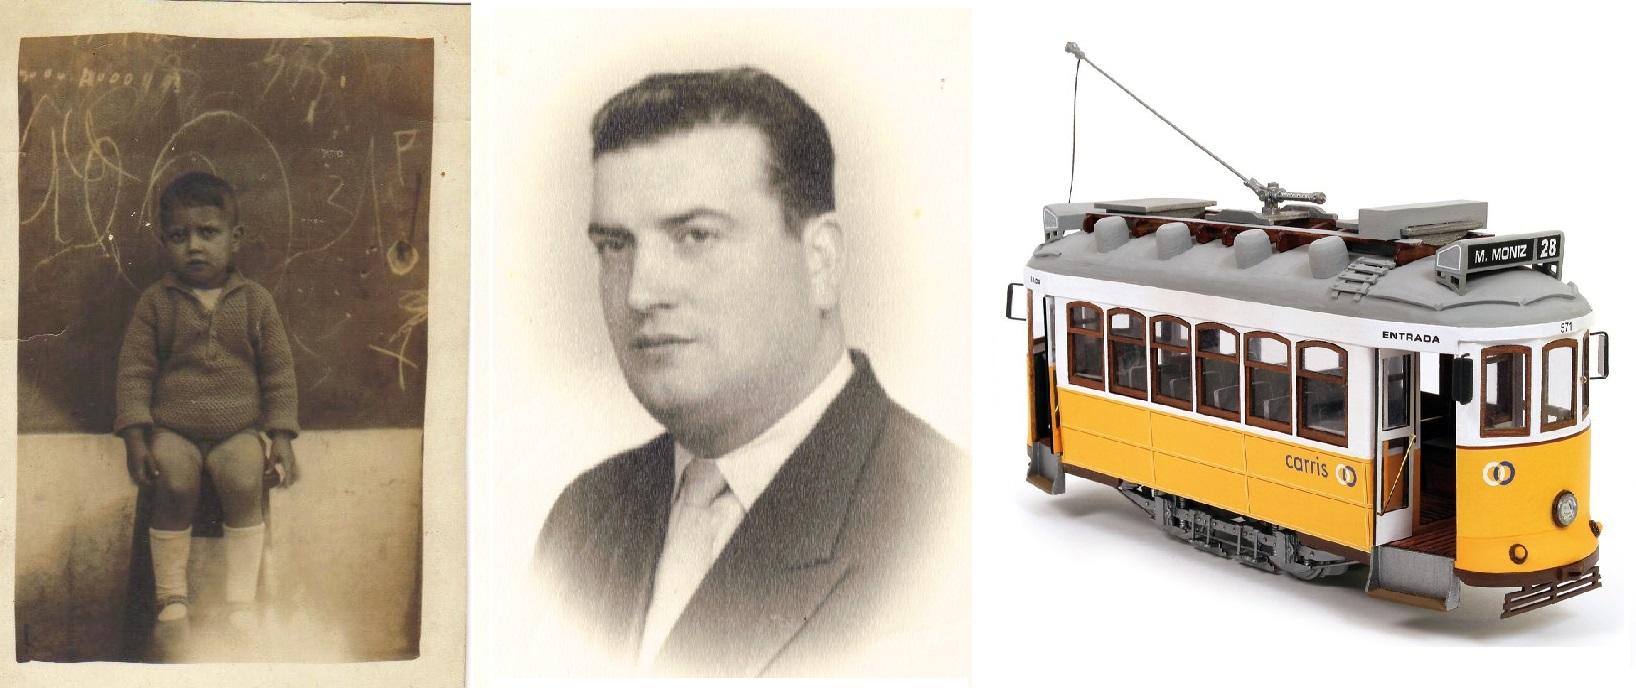 José Augusto Pimenta na escola do Monte Frio em 1931 ou 1932, em idade adulta e eléctrico de Lisboa